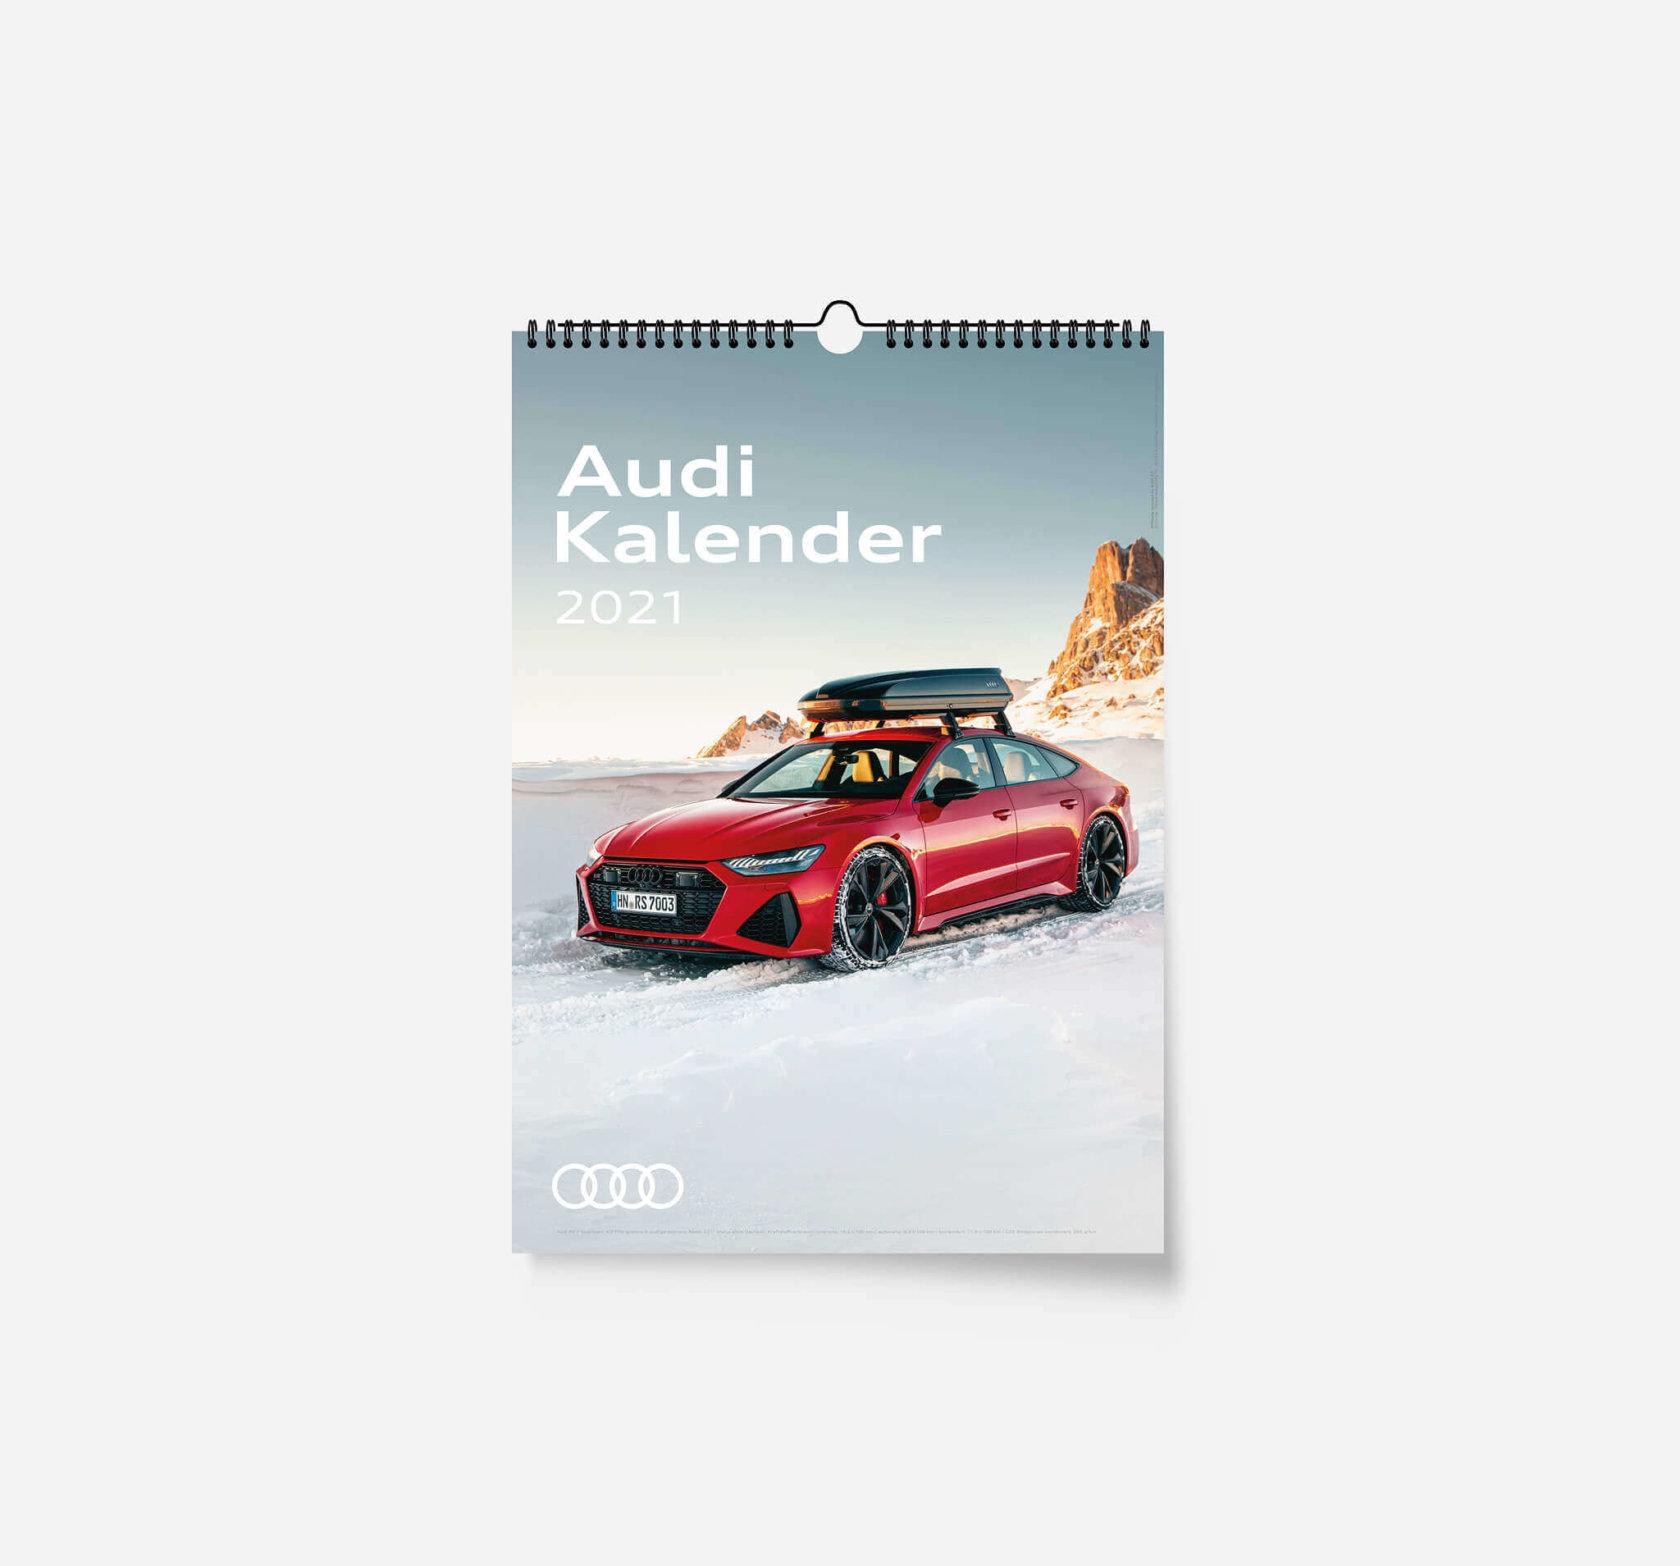 Audi Kalender 2021 - DIN A3